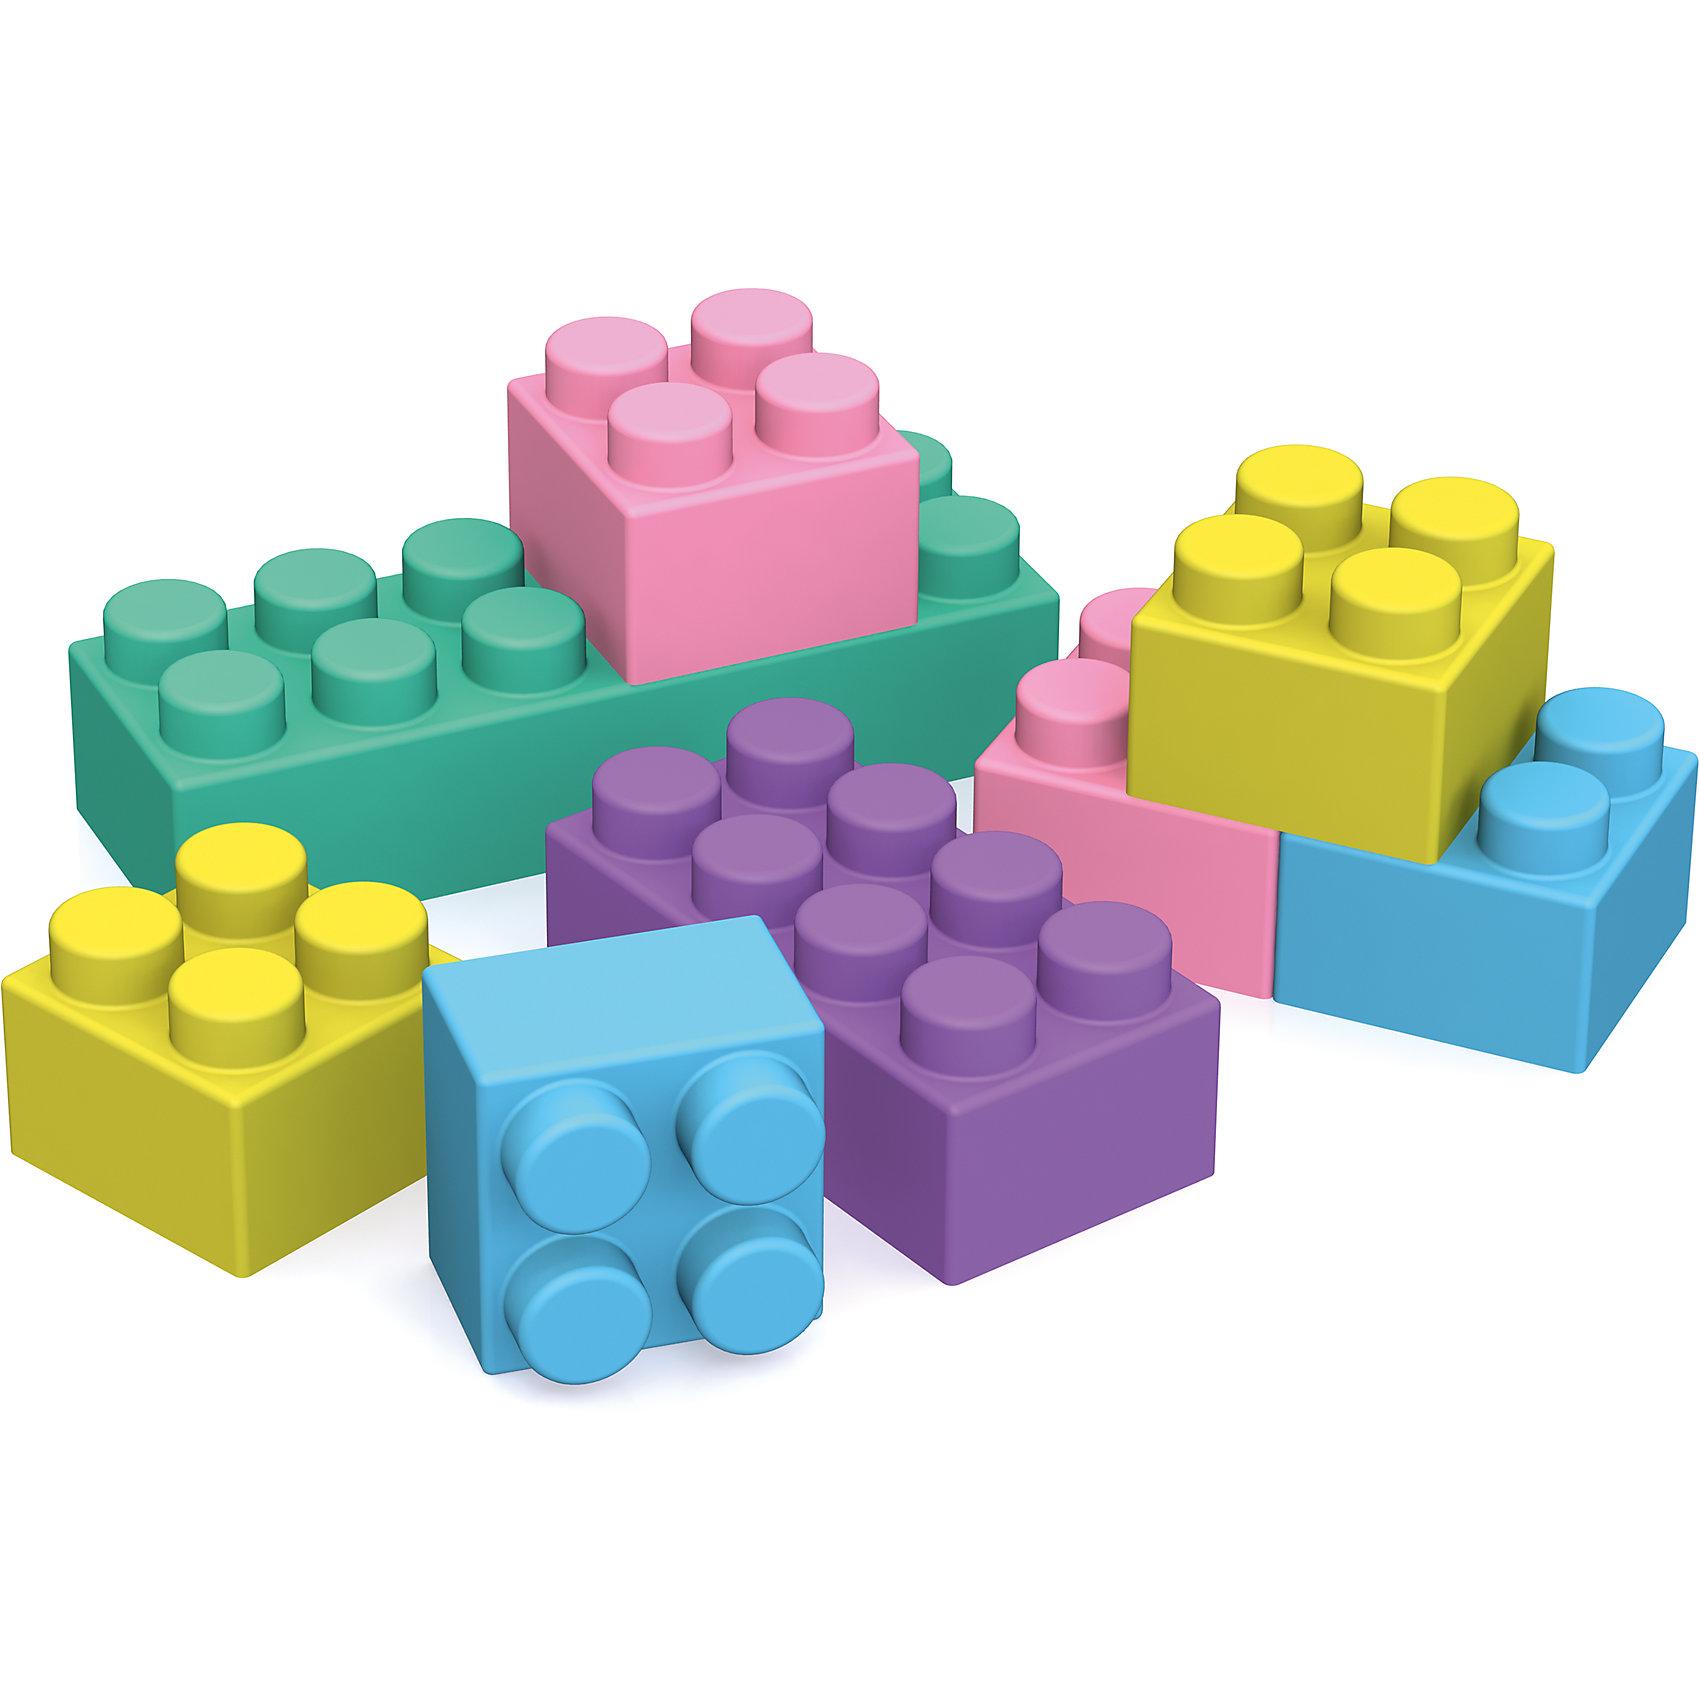 Конструктор, 108 деталей, ШкодаКонструктор, 108 деталей, Шкода совместимы со всеми сериями конструкторов Шкода, а также с конструктором ТМ Кроха<br><br>Дополнительная информация:<br><br>- в комплекте 108 элементов<br>- высота кубика 2,5 см.<br><br>Конструктор, 108 деталей, Шкода можно купить в нашем магазине.<br><br>Ширина мм: 200<br>Глубина мм: 225<br>Высота мм: 650<br>Вес г: 600<br>Возраст от месяцев: 36<br>Возраст до месяцев: 72<br>Пол: Унисекс<br>Возраст: Детский<br>SKU: 4104911